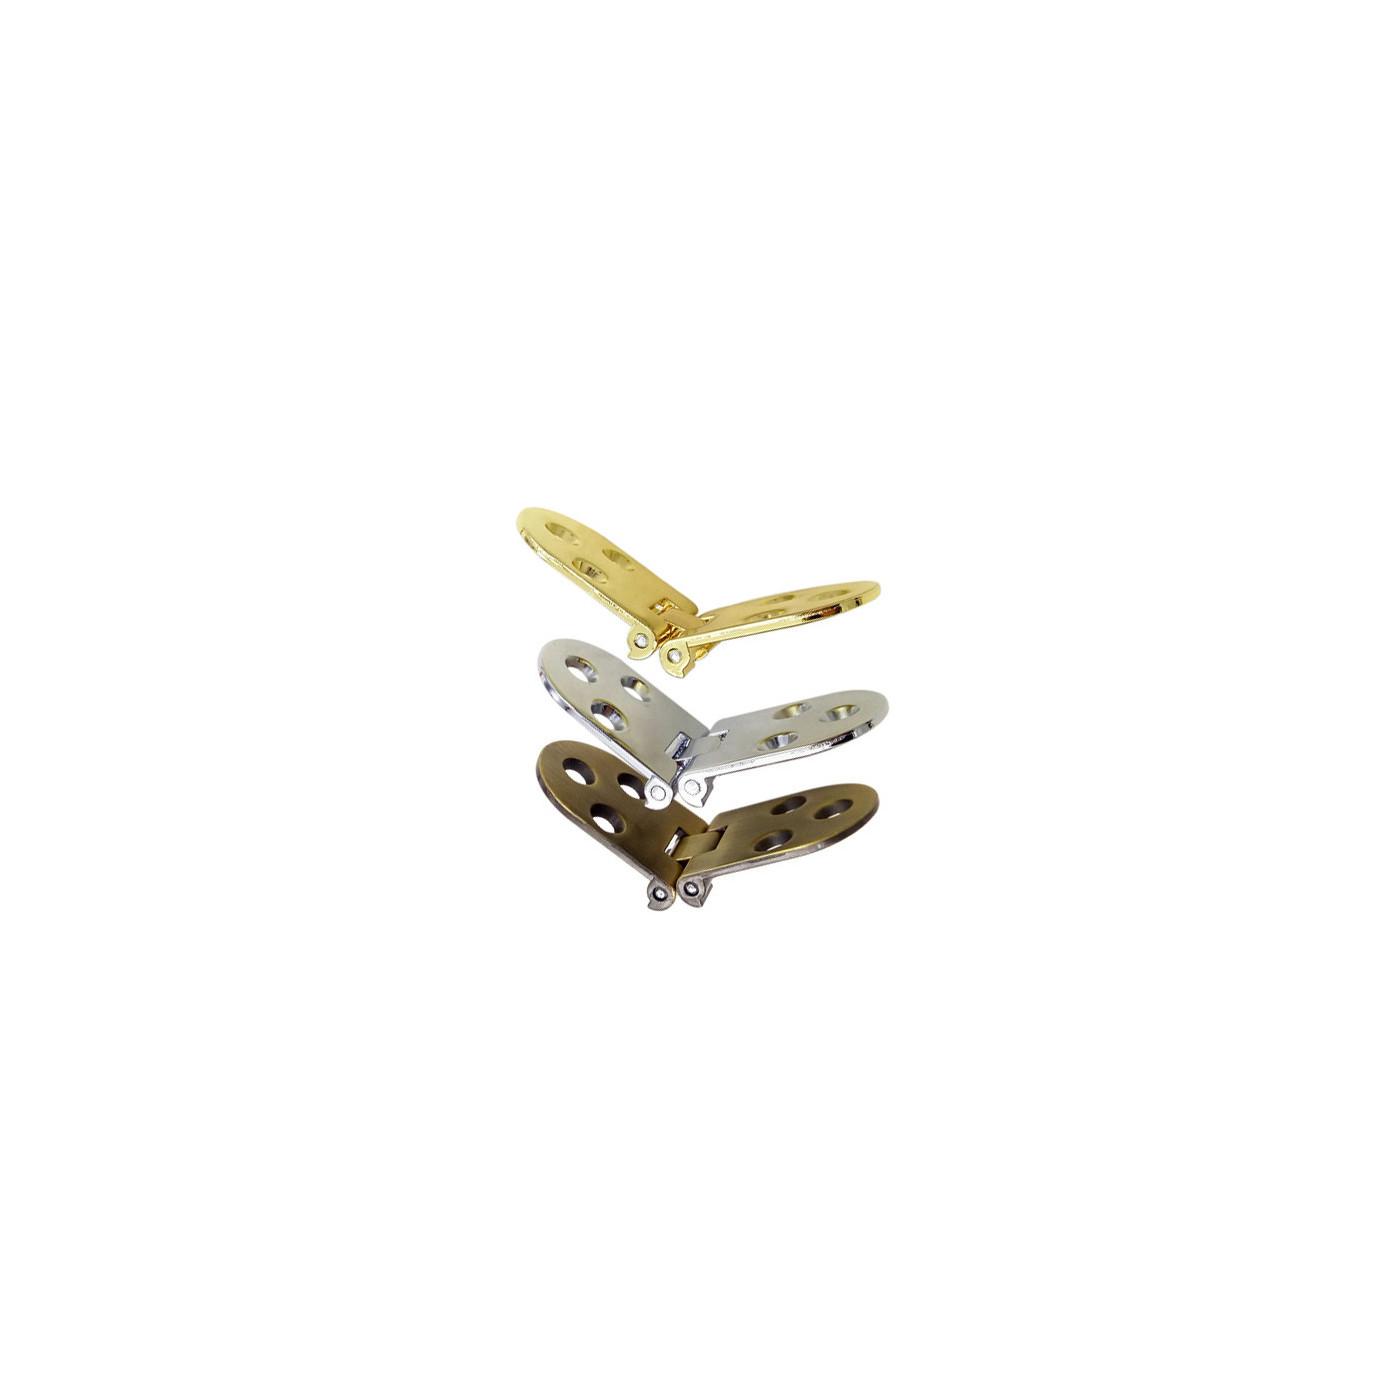 Conjunto de 4 dobradiças metálicas robustas (30x78 mm, 180 graus, cromado)  - 1